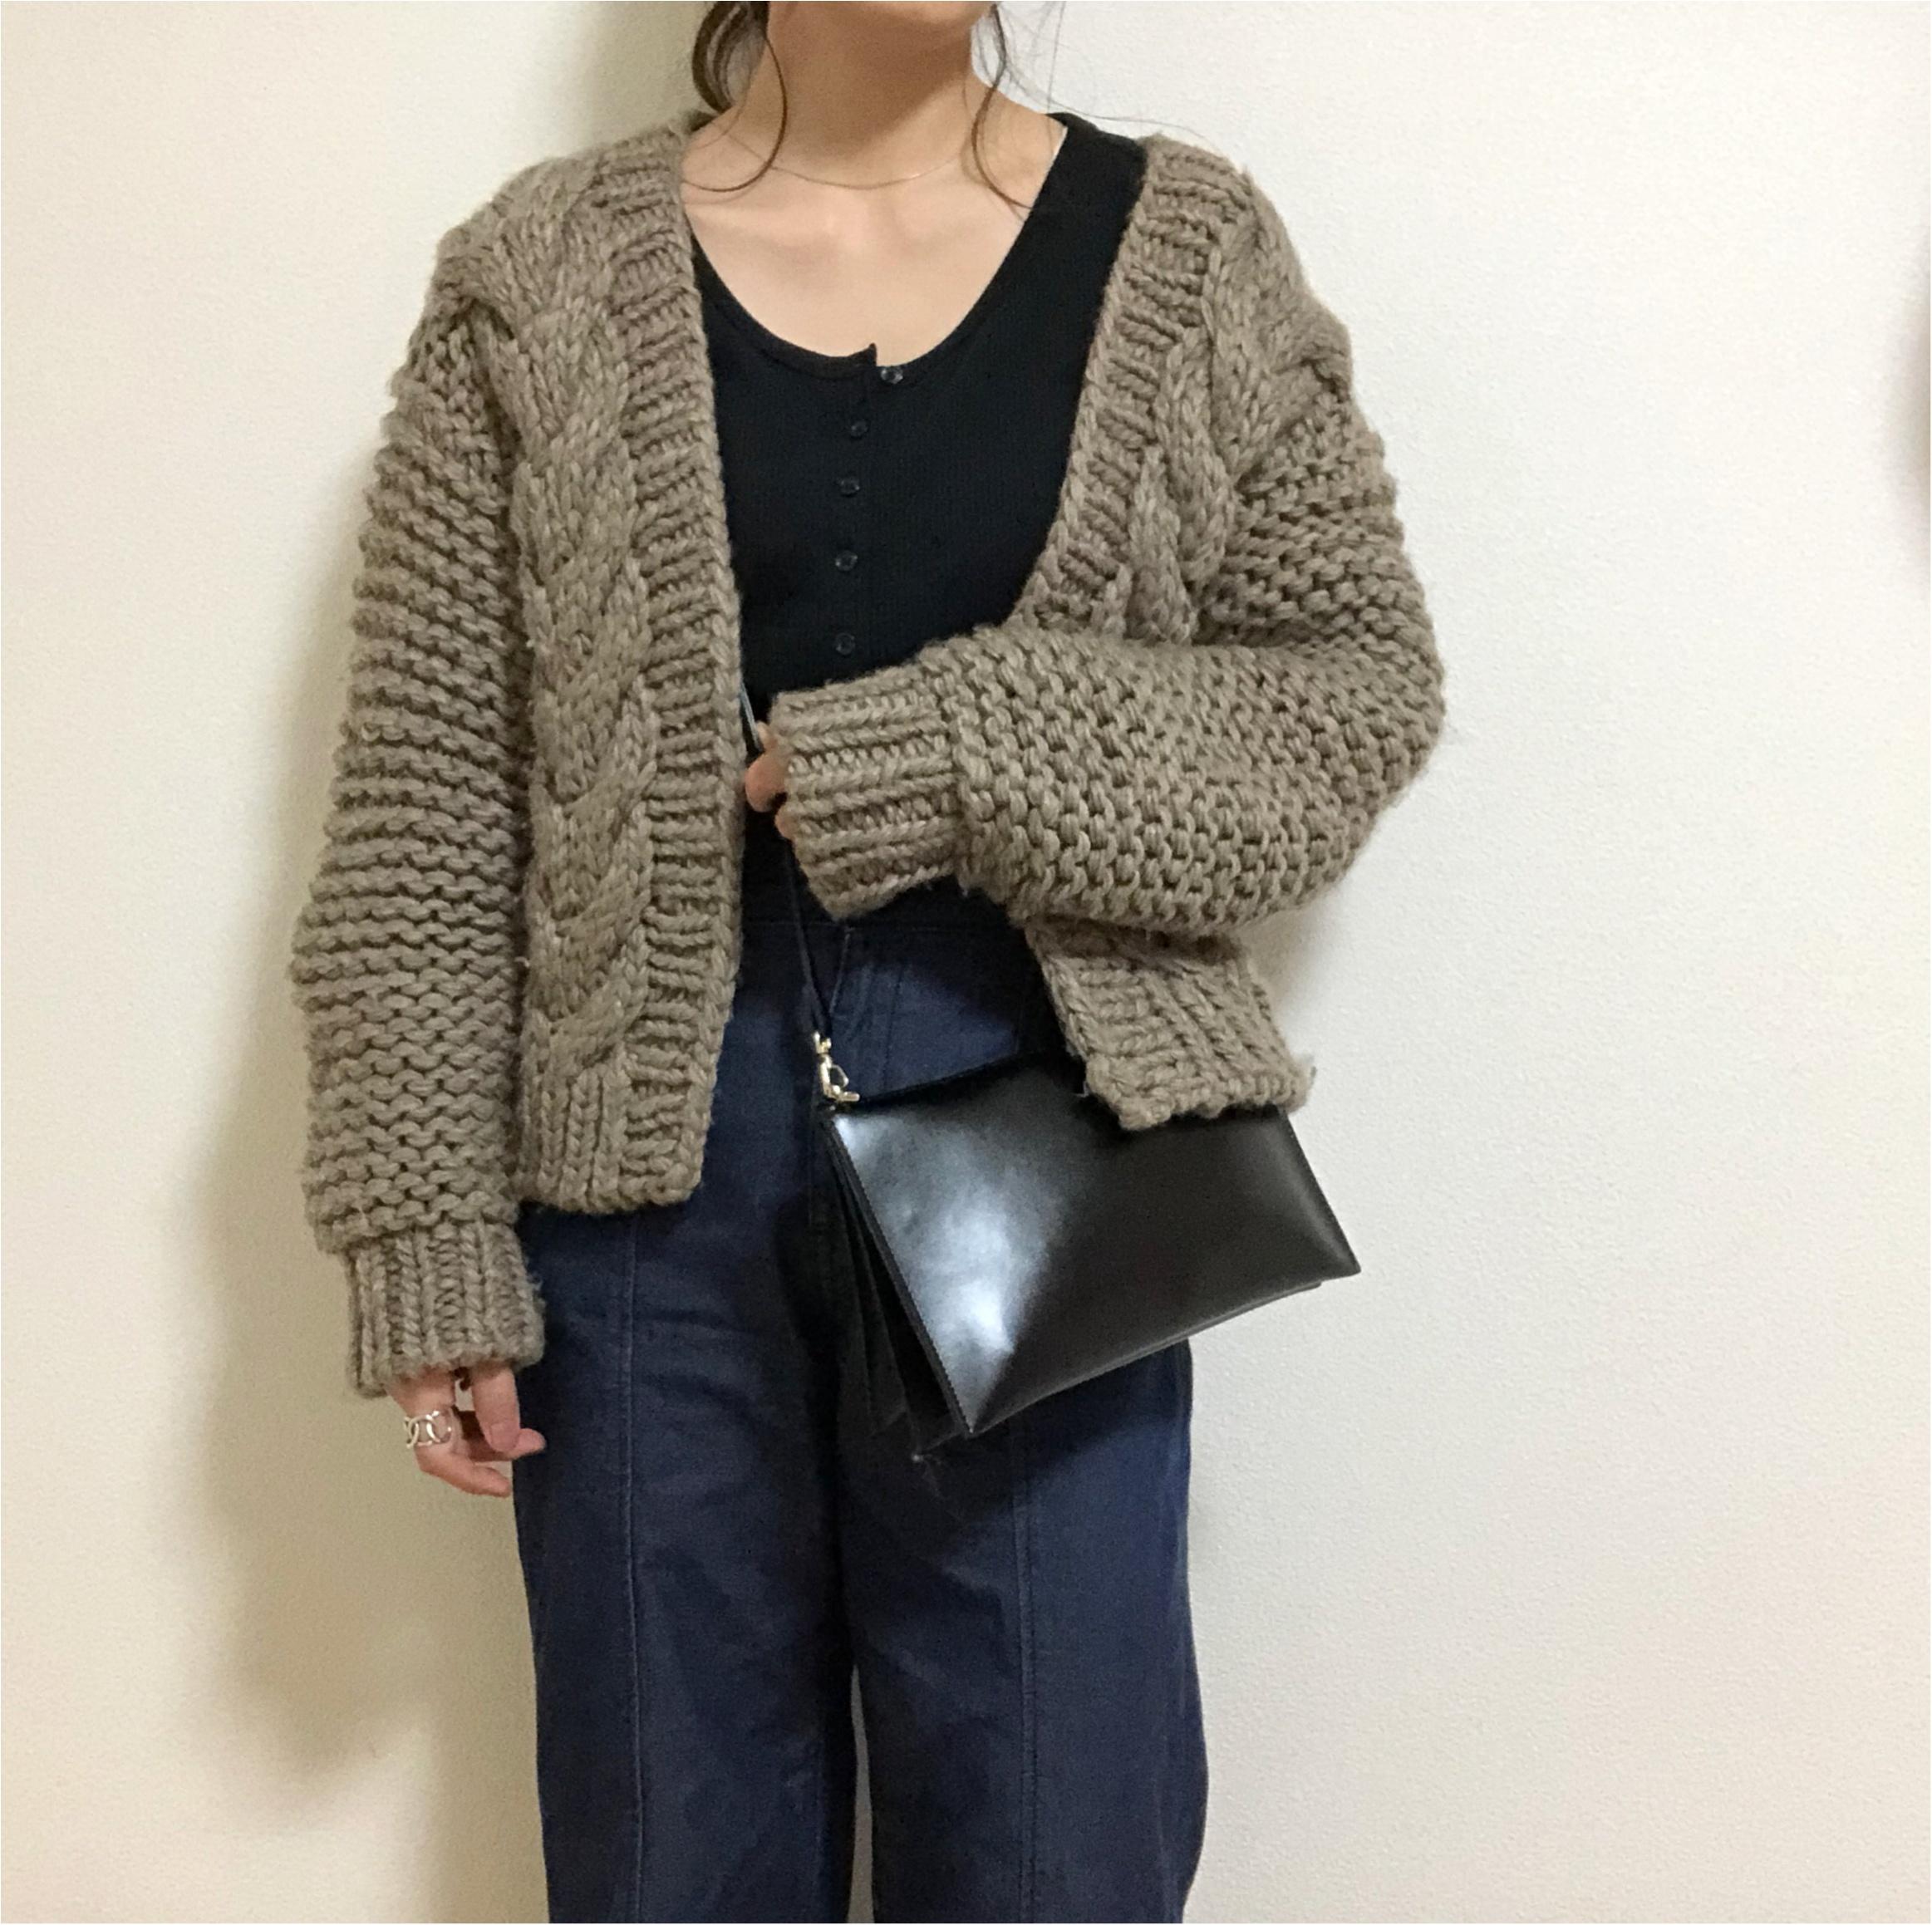 【UNIQLO】ワッフルTはプチプラで❤︎ボタンがついてさらに可愛くなって1500円!_5